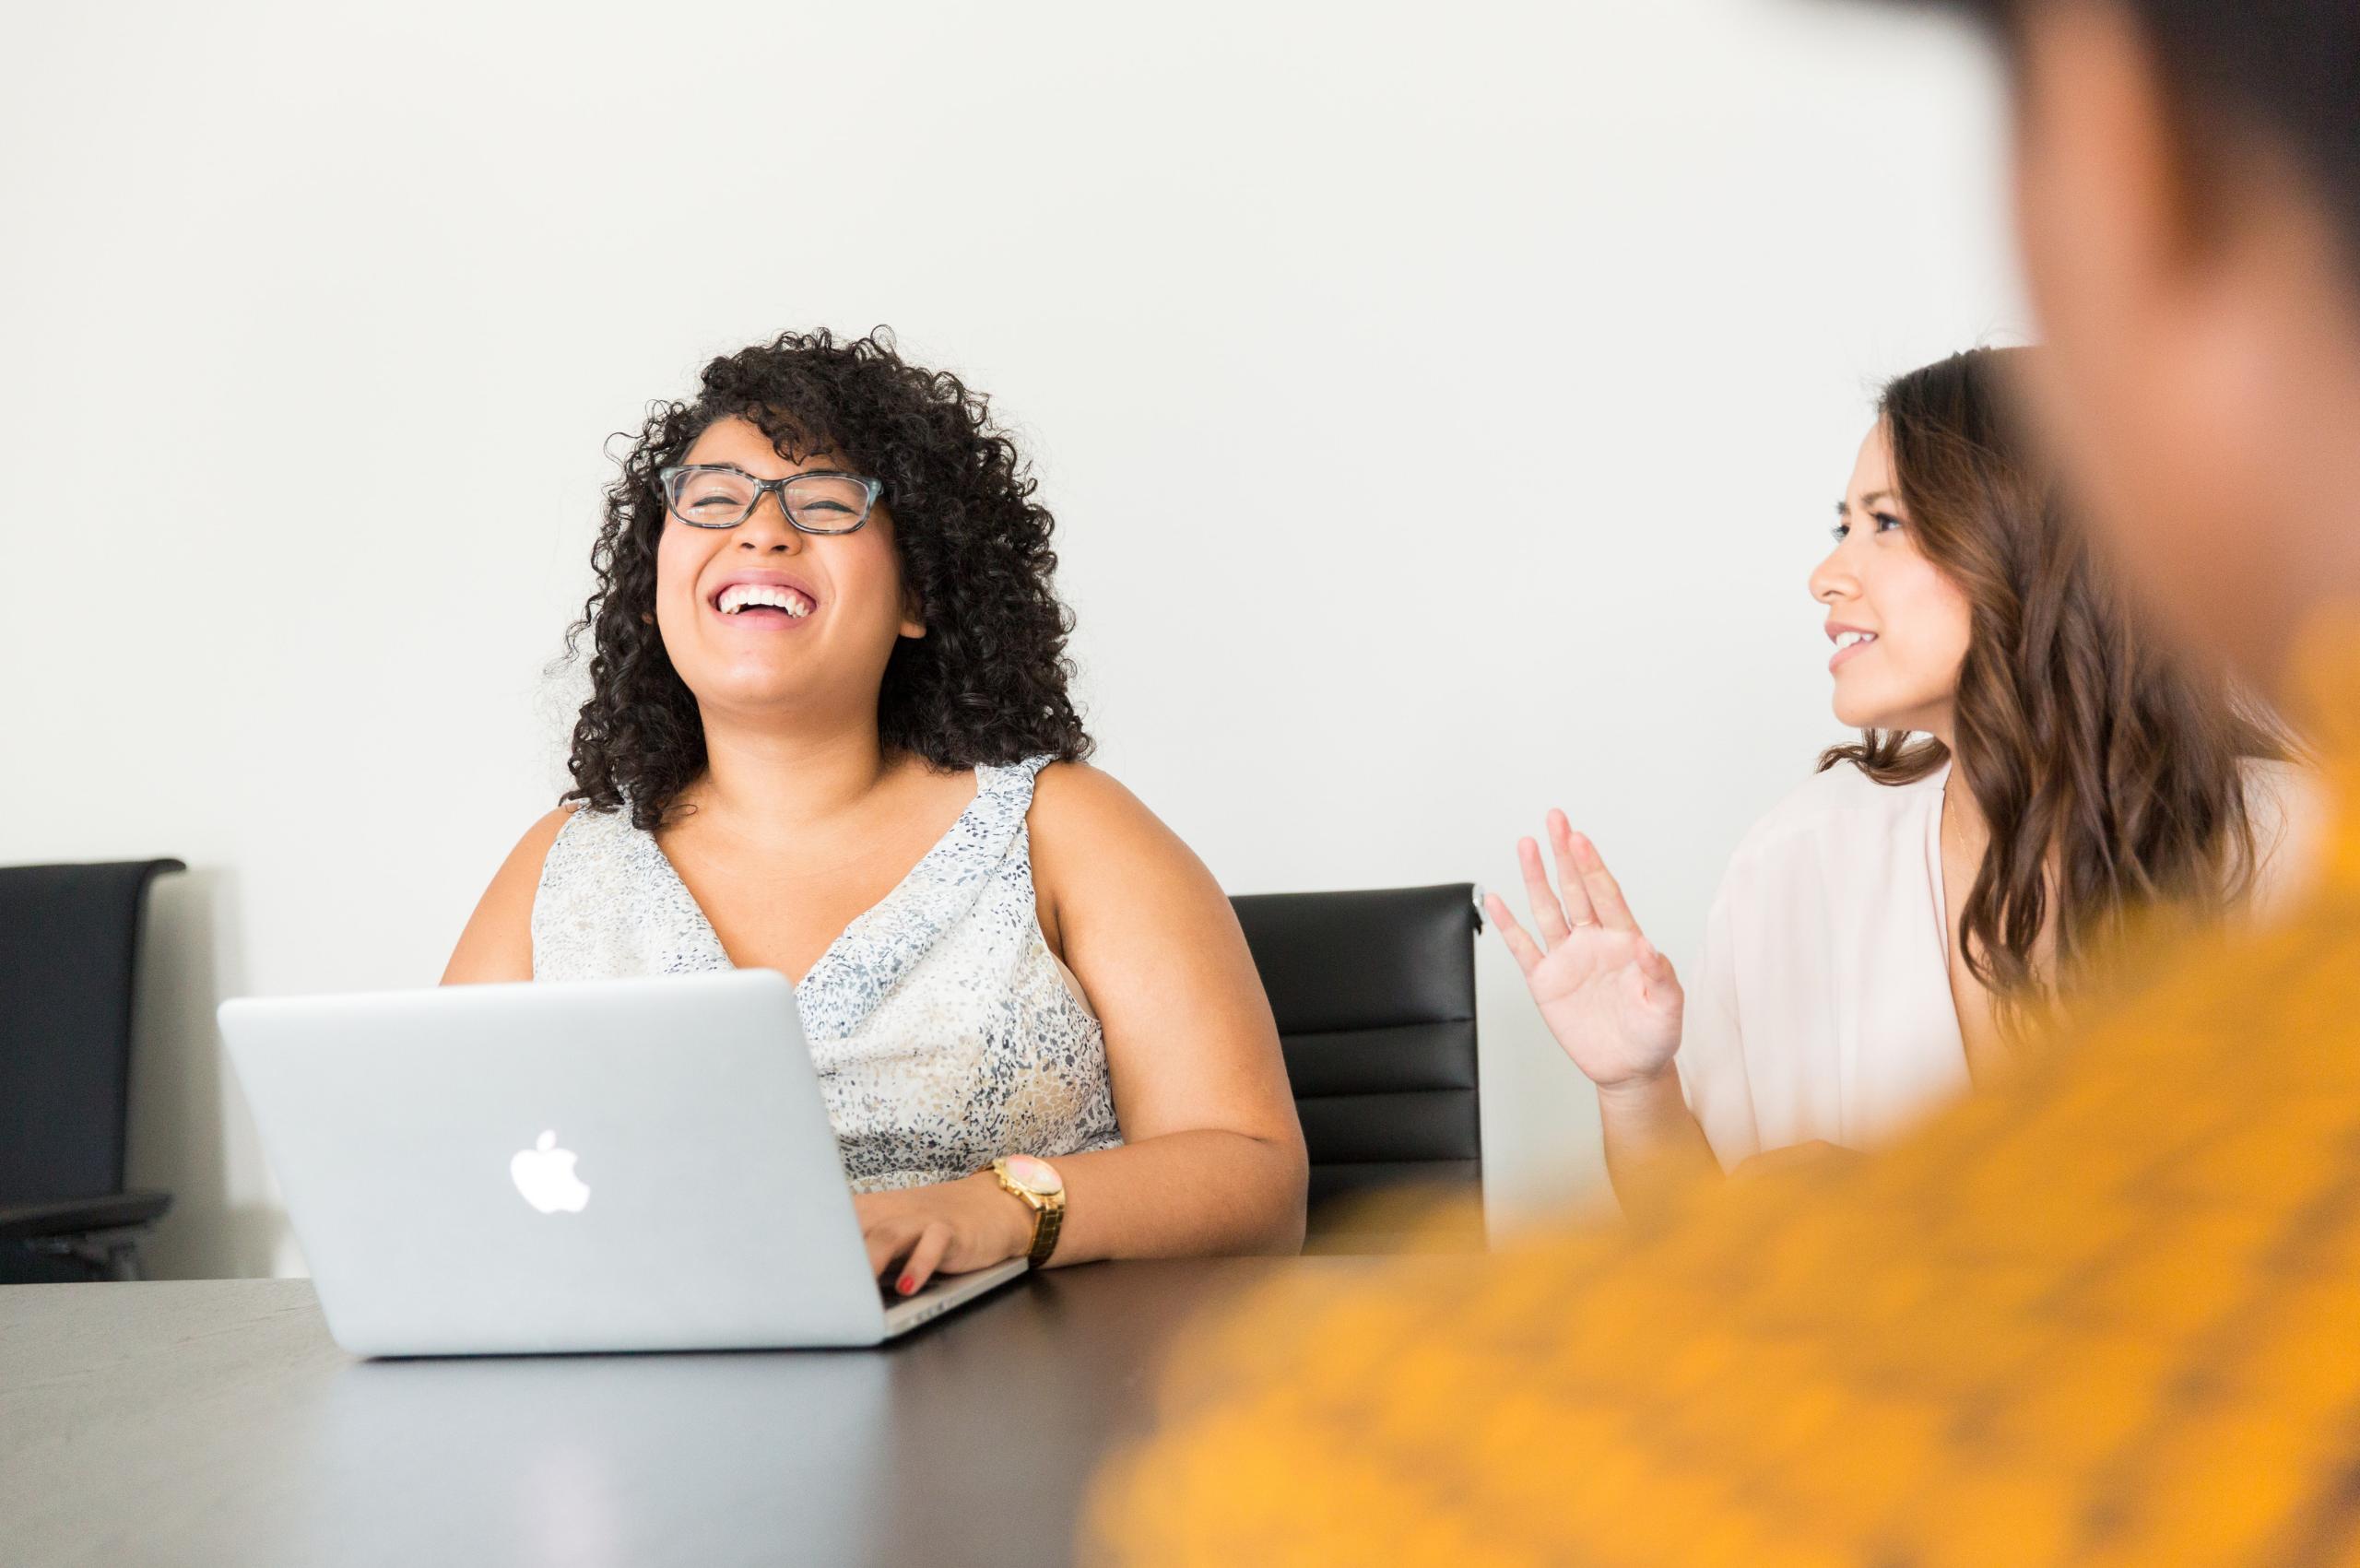 woman laughing behind macbook